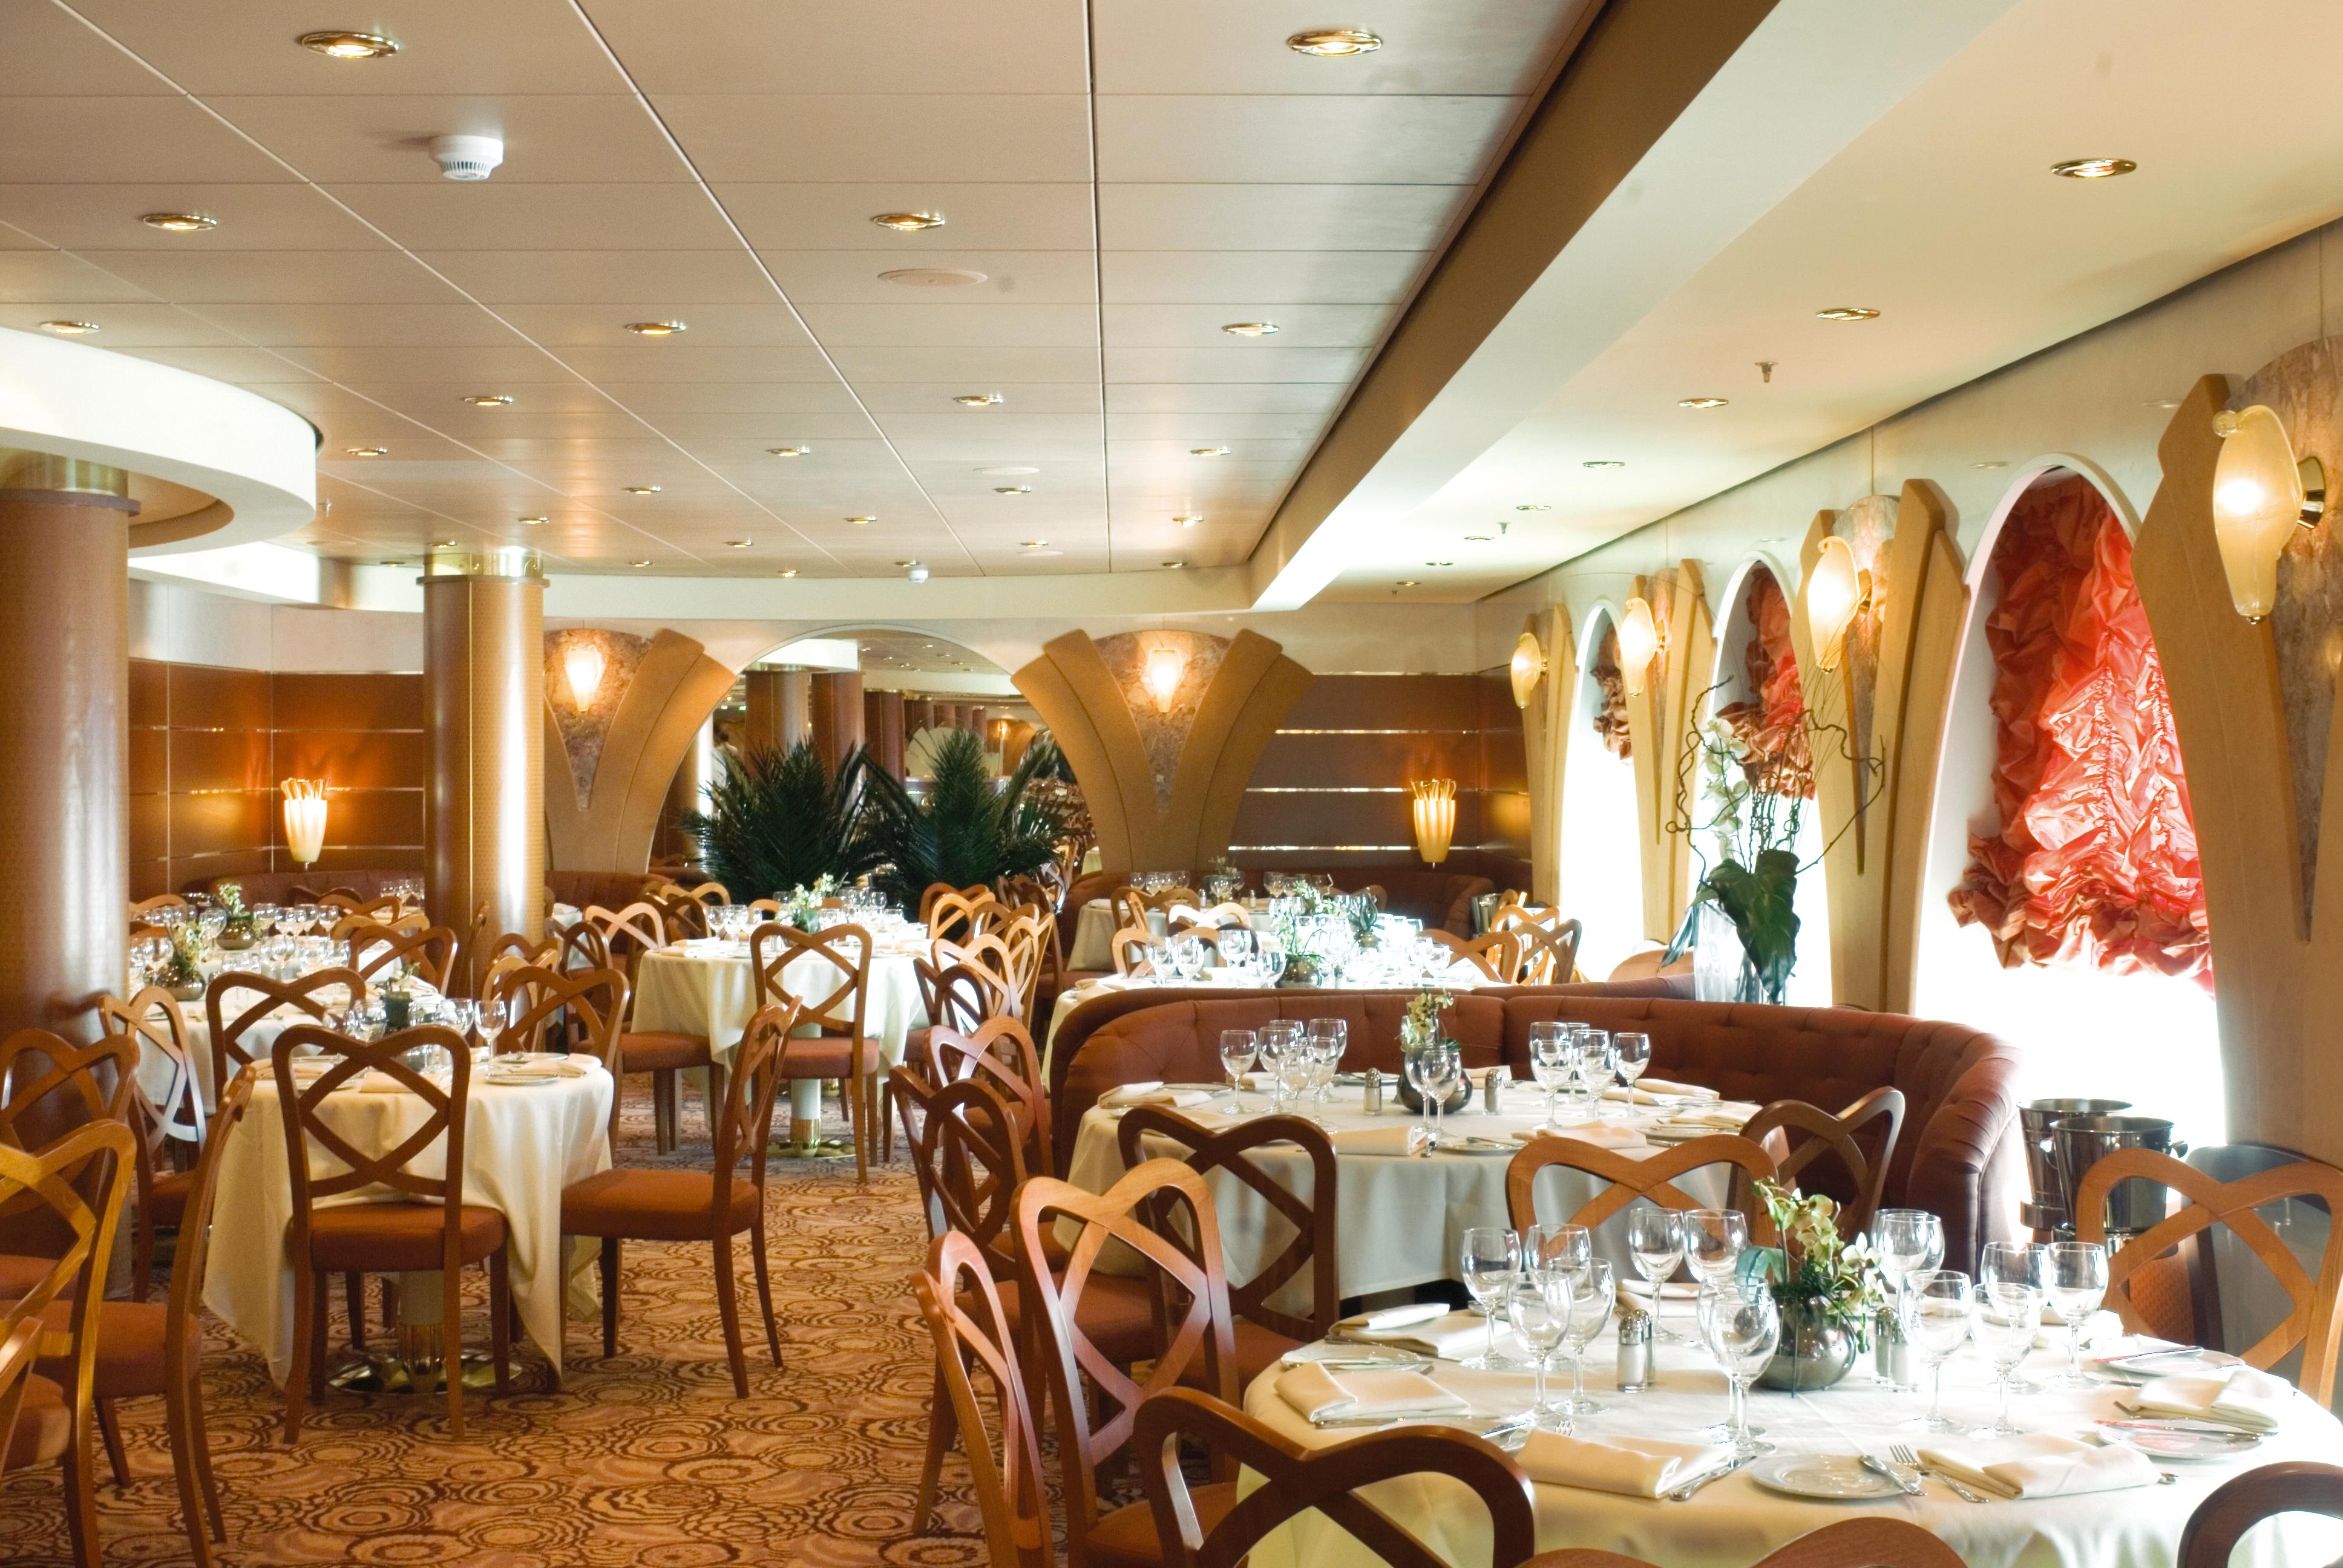 MSC Musica Class main restaurant 2.jpg